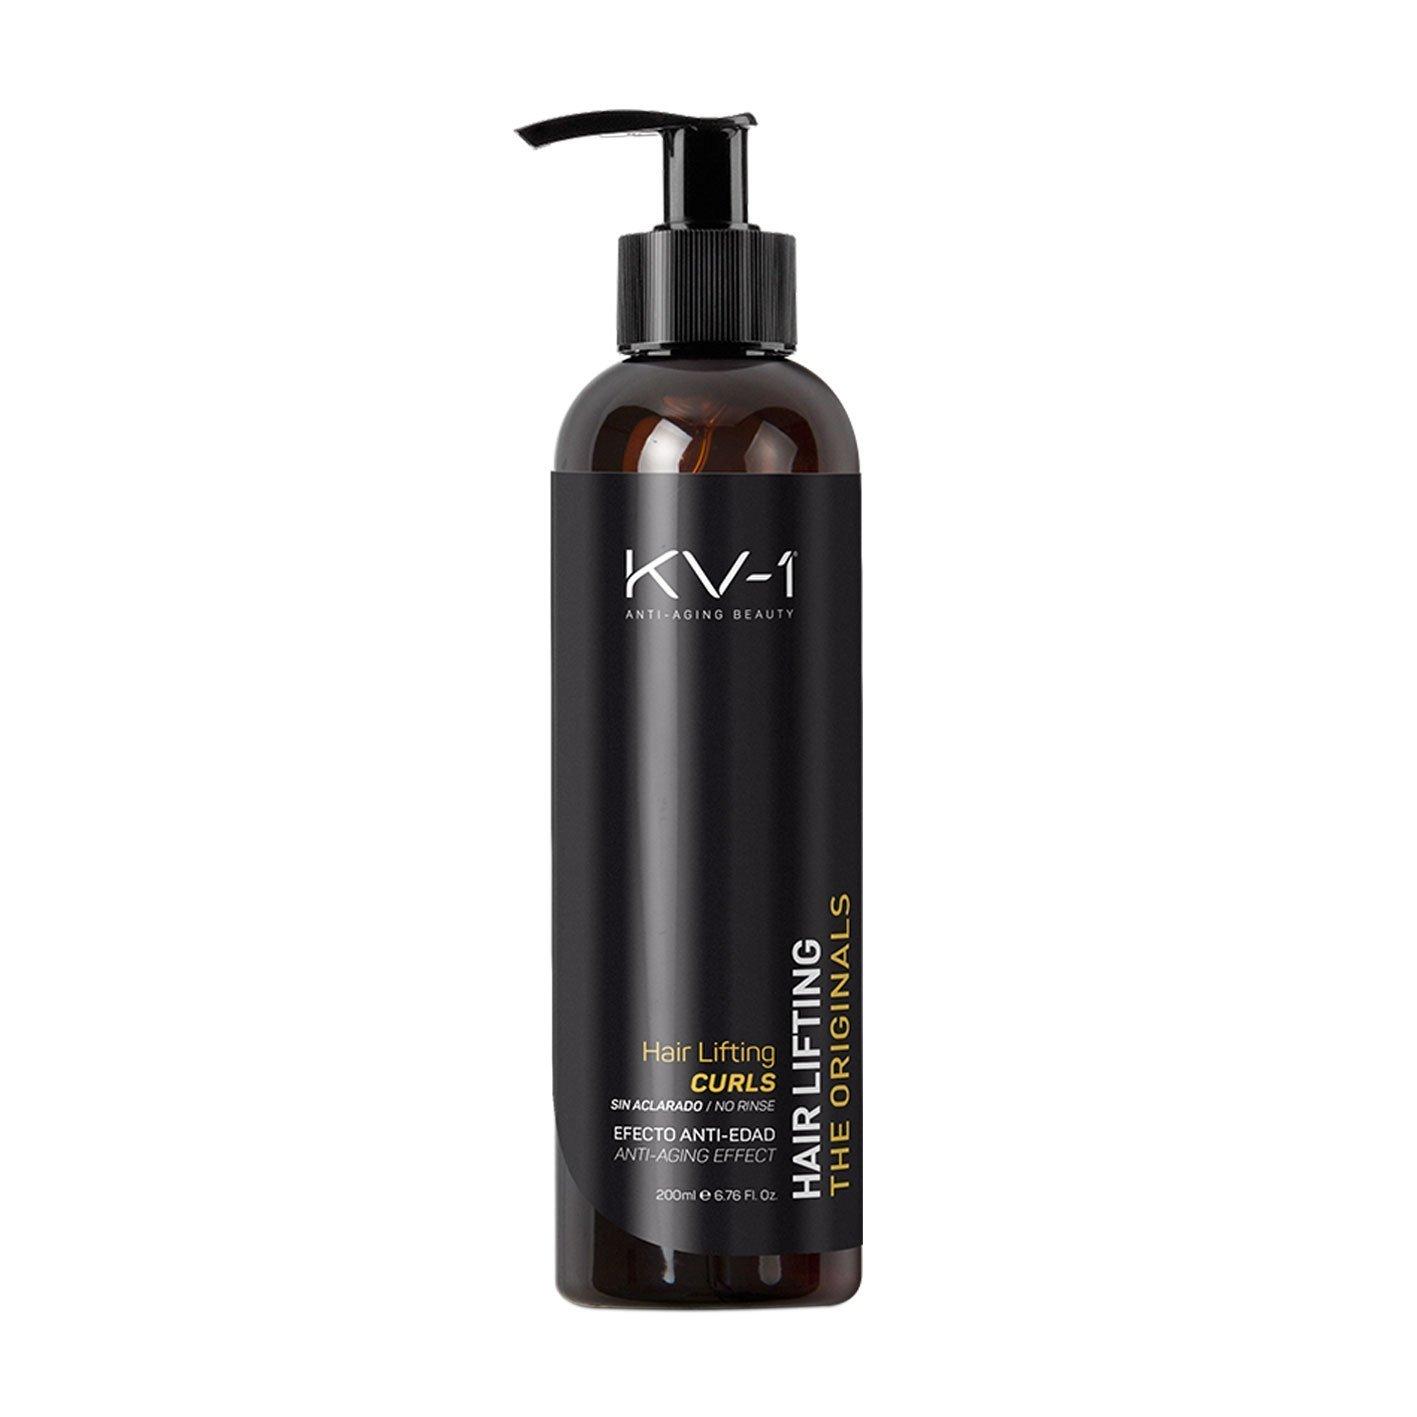 KV-1 Hair Lifting Curl reestructurante capilar para cabellos rizados y ondulados